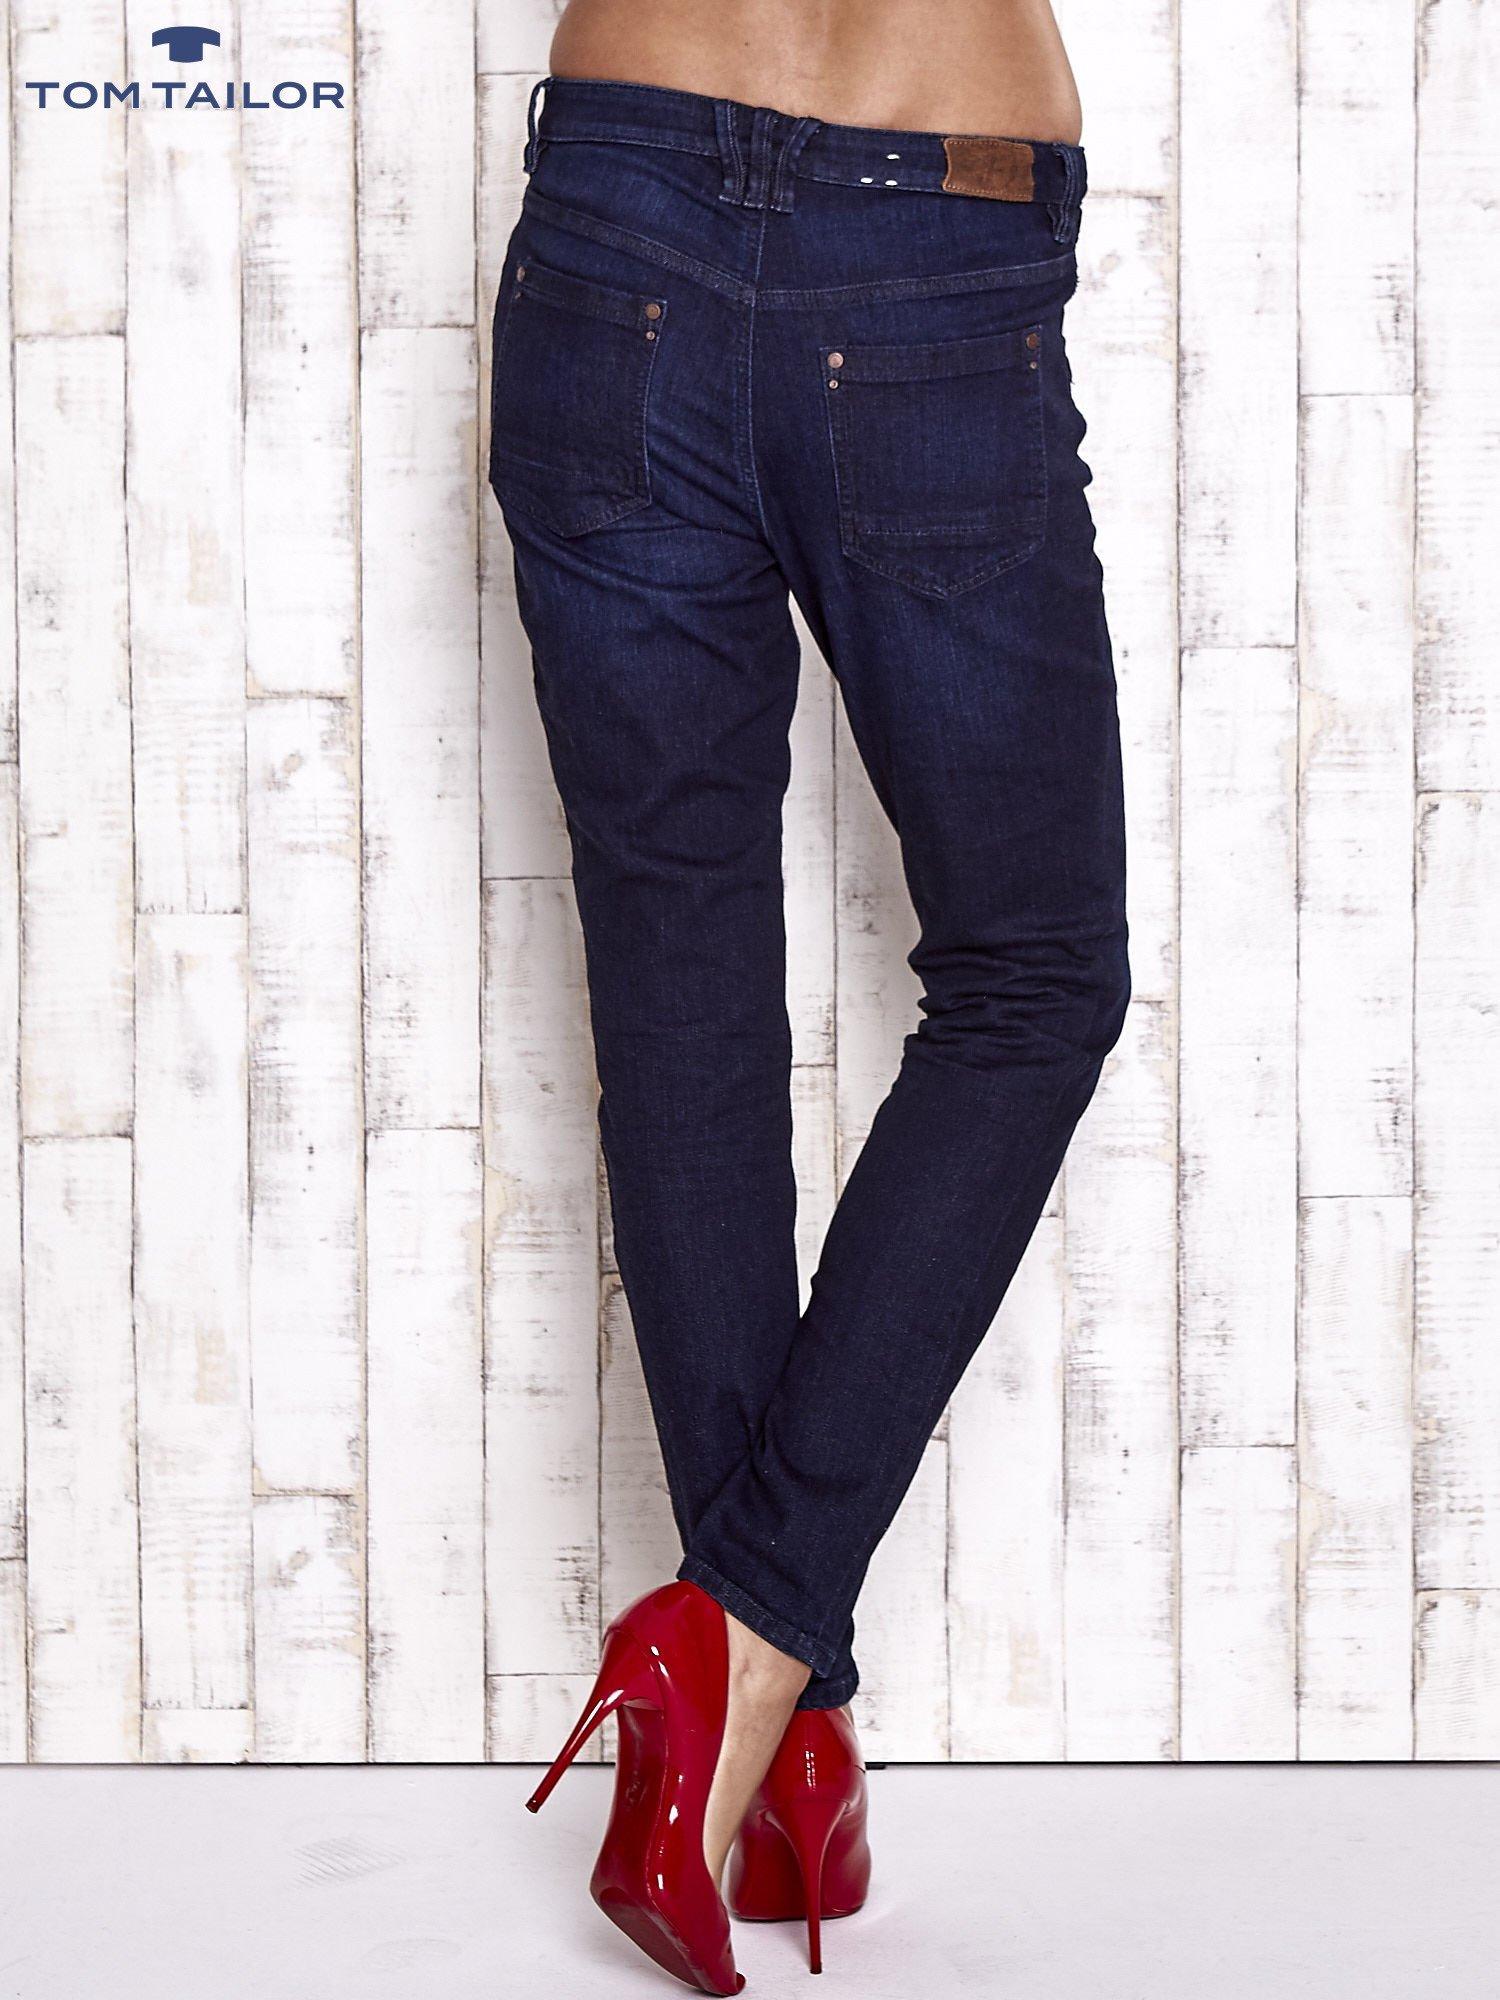 TOM TAILOR Ciemnoniebieskie modułowe spodnie jeansowe                                   zdj.                                  2